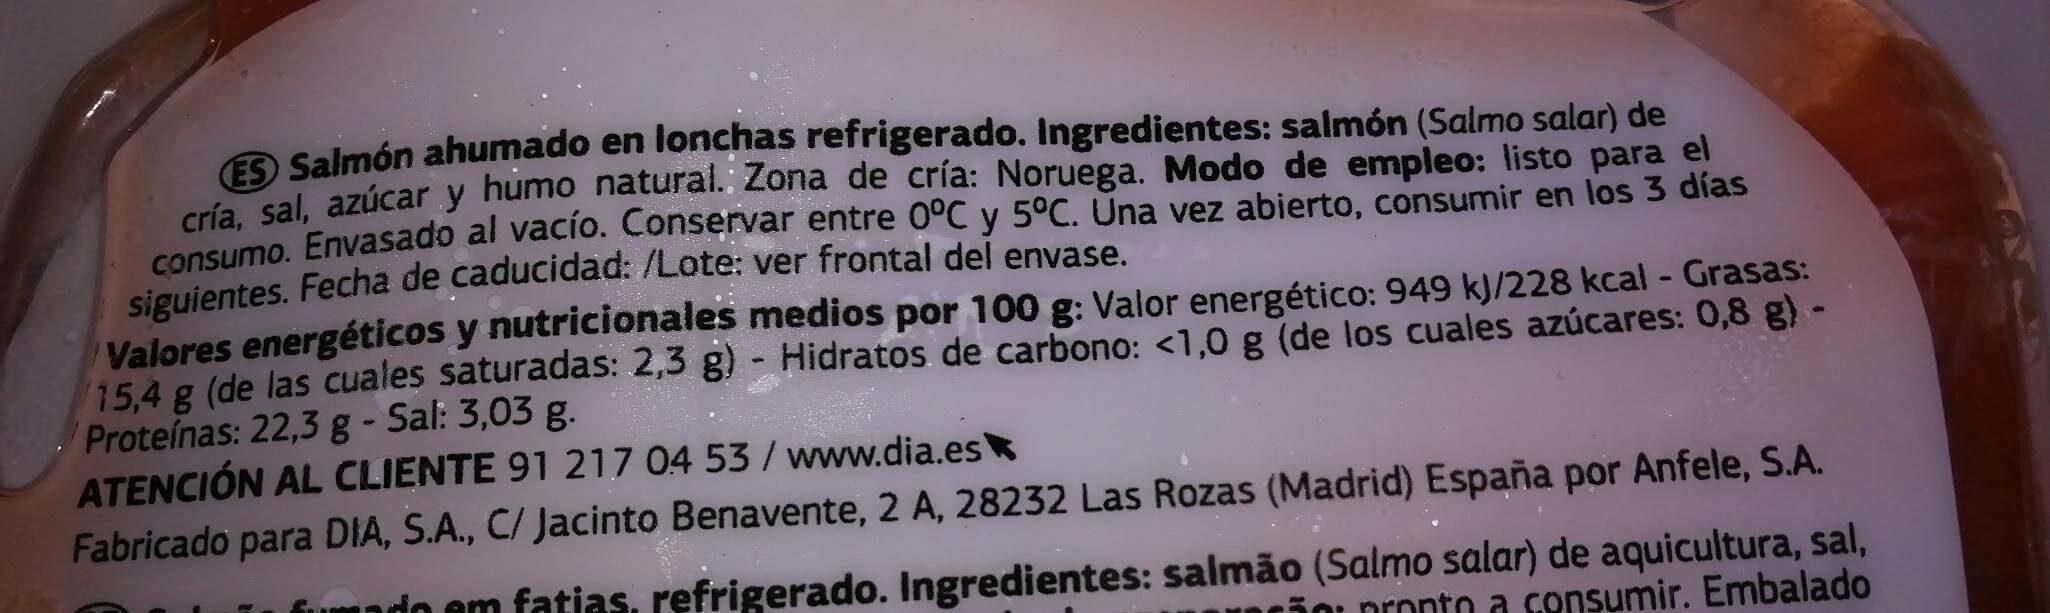 Delicious - Salmón ahumado Noruego - Informació nutricional - es